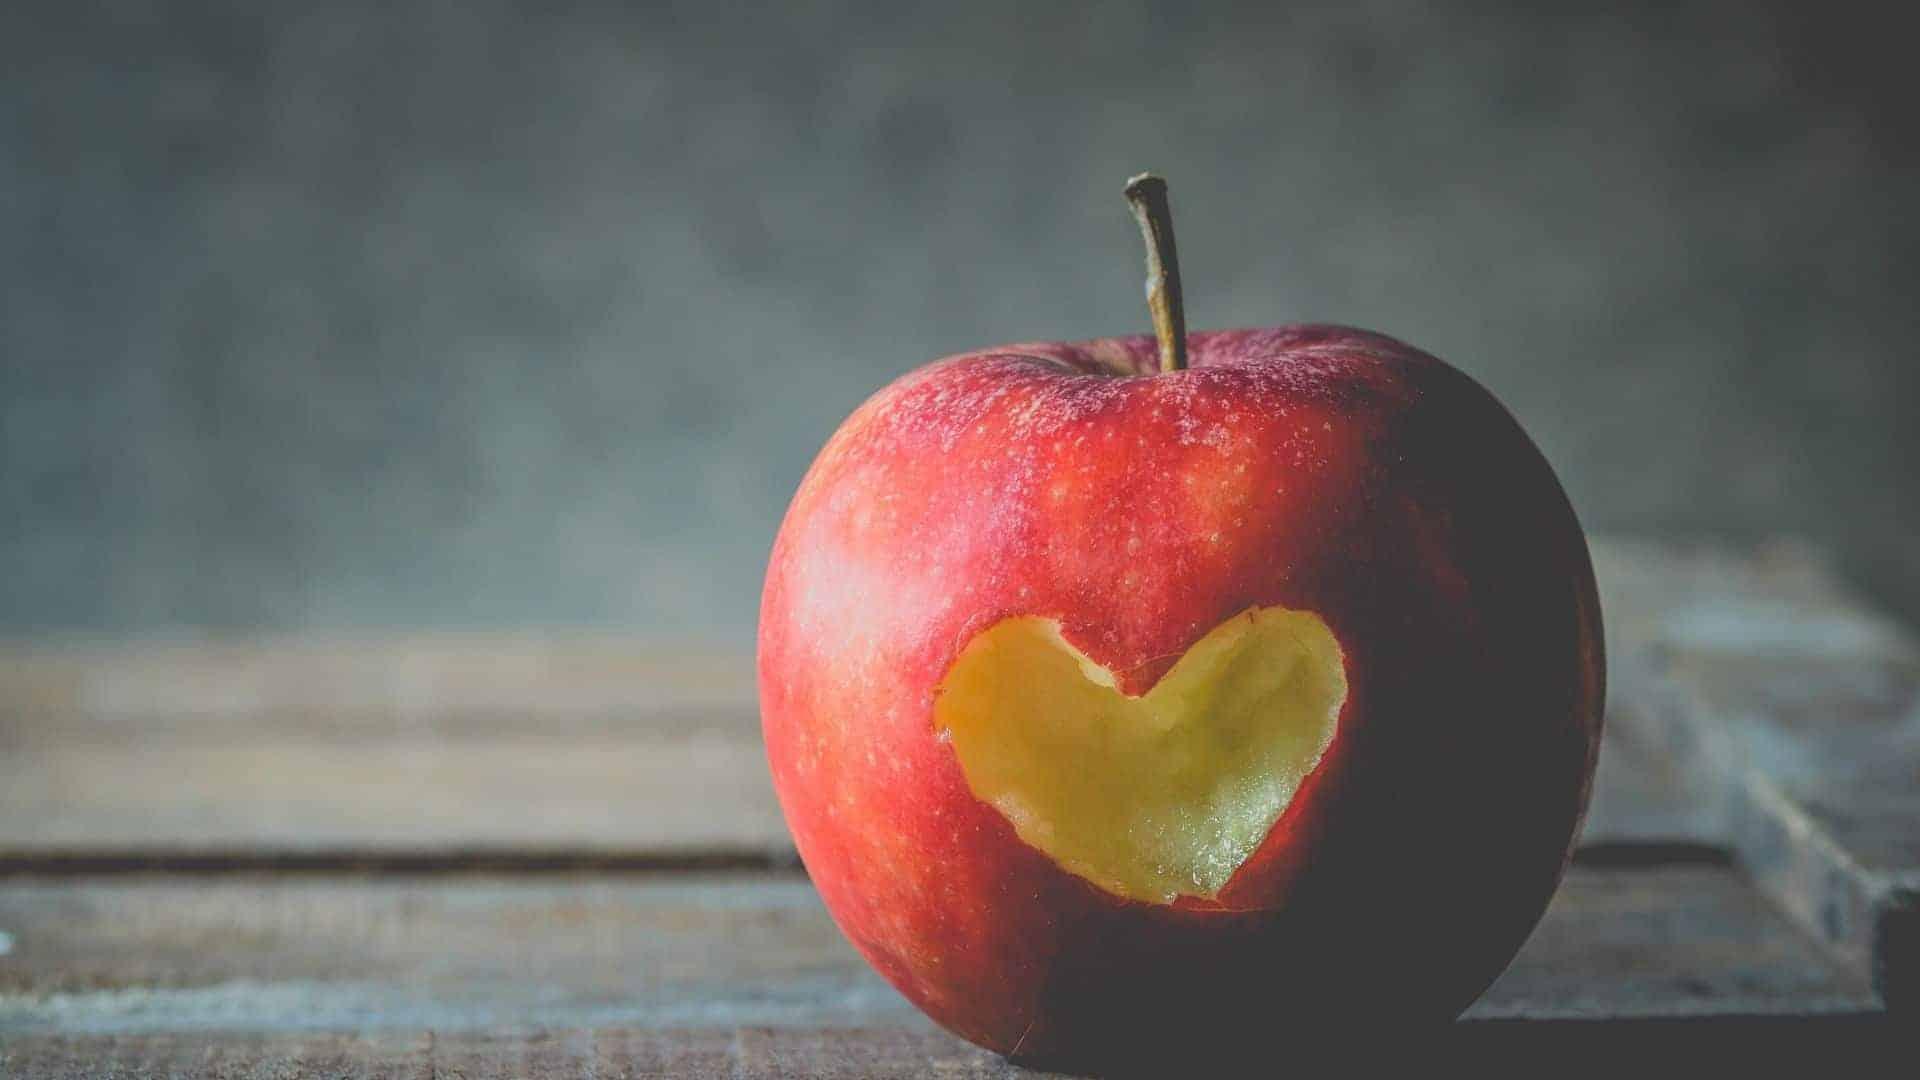 Hoeveel calorieën zitten er in een appel?